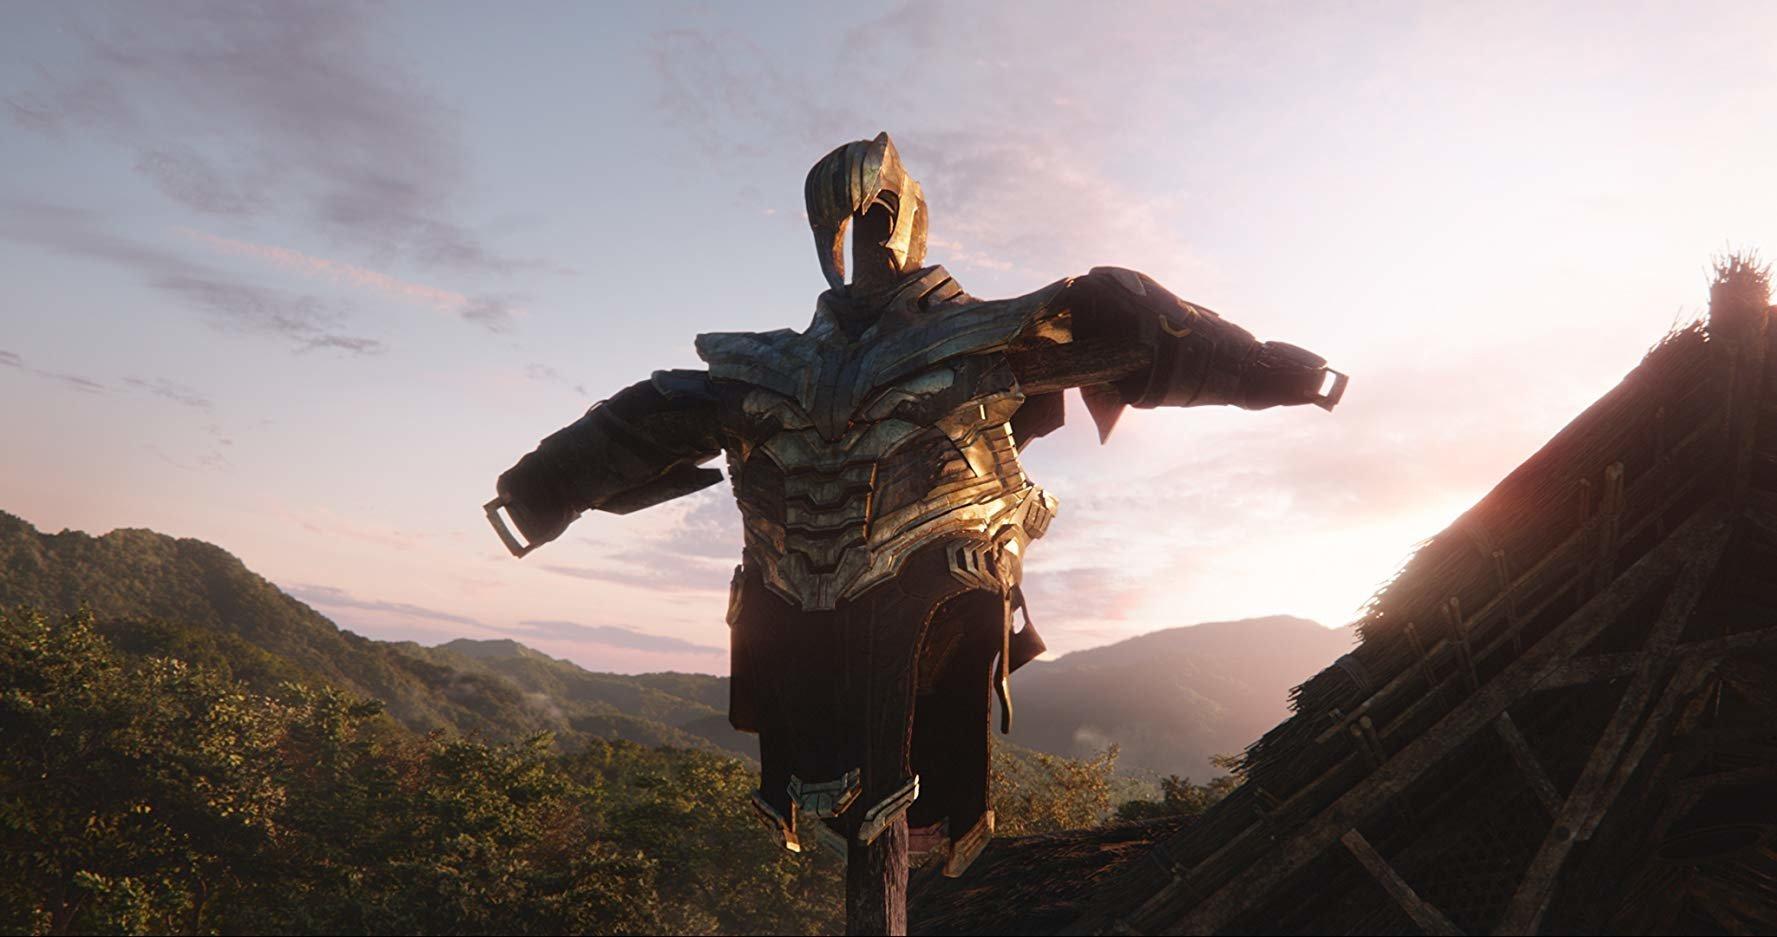 '어벤져스: 엔드게임' 개봉 첫날 티켓이 5천달러에 거래되고